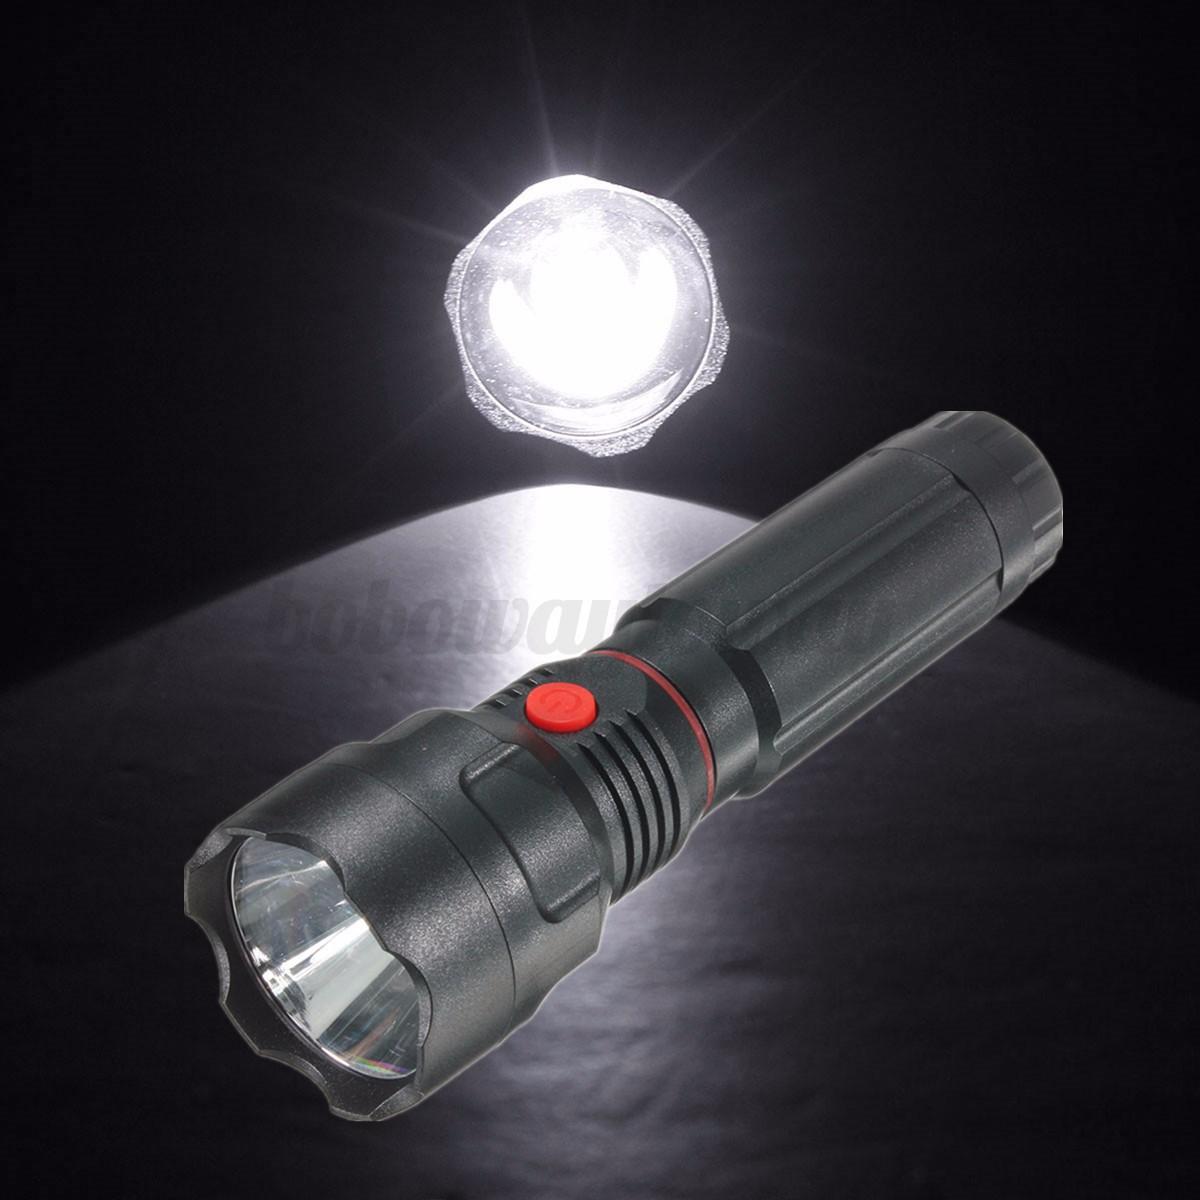 flashlight 3 modes work light inspection 250lm lamp torch black ebay. Black Bedroom Furniture Sets. Home Design Ideas